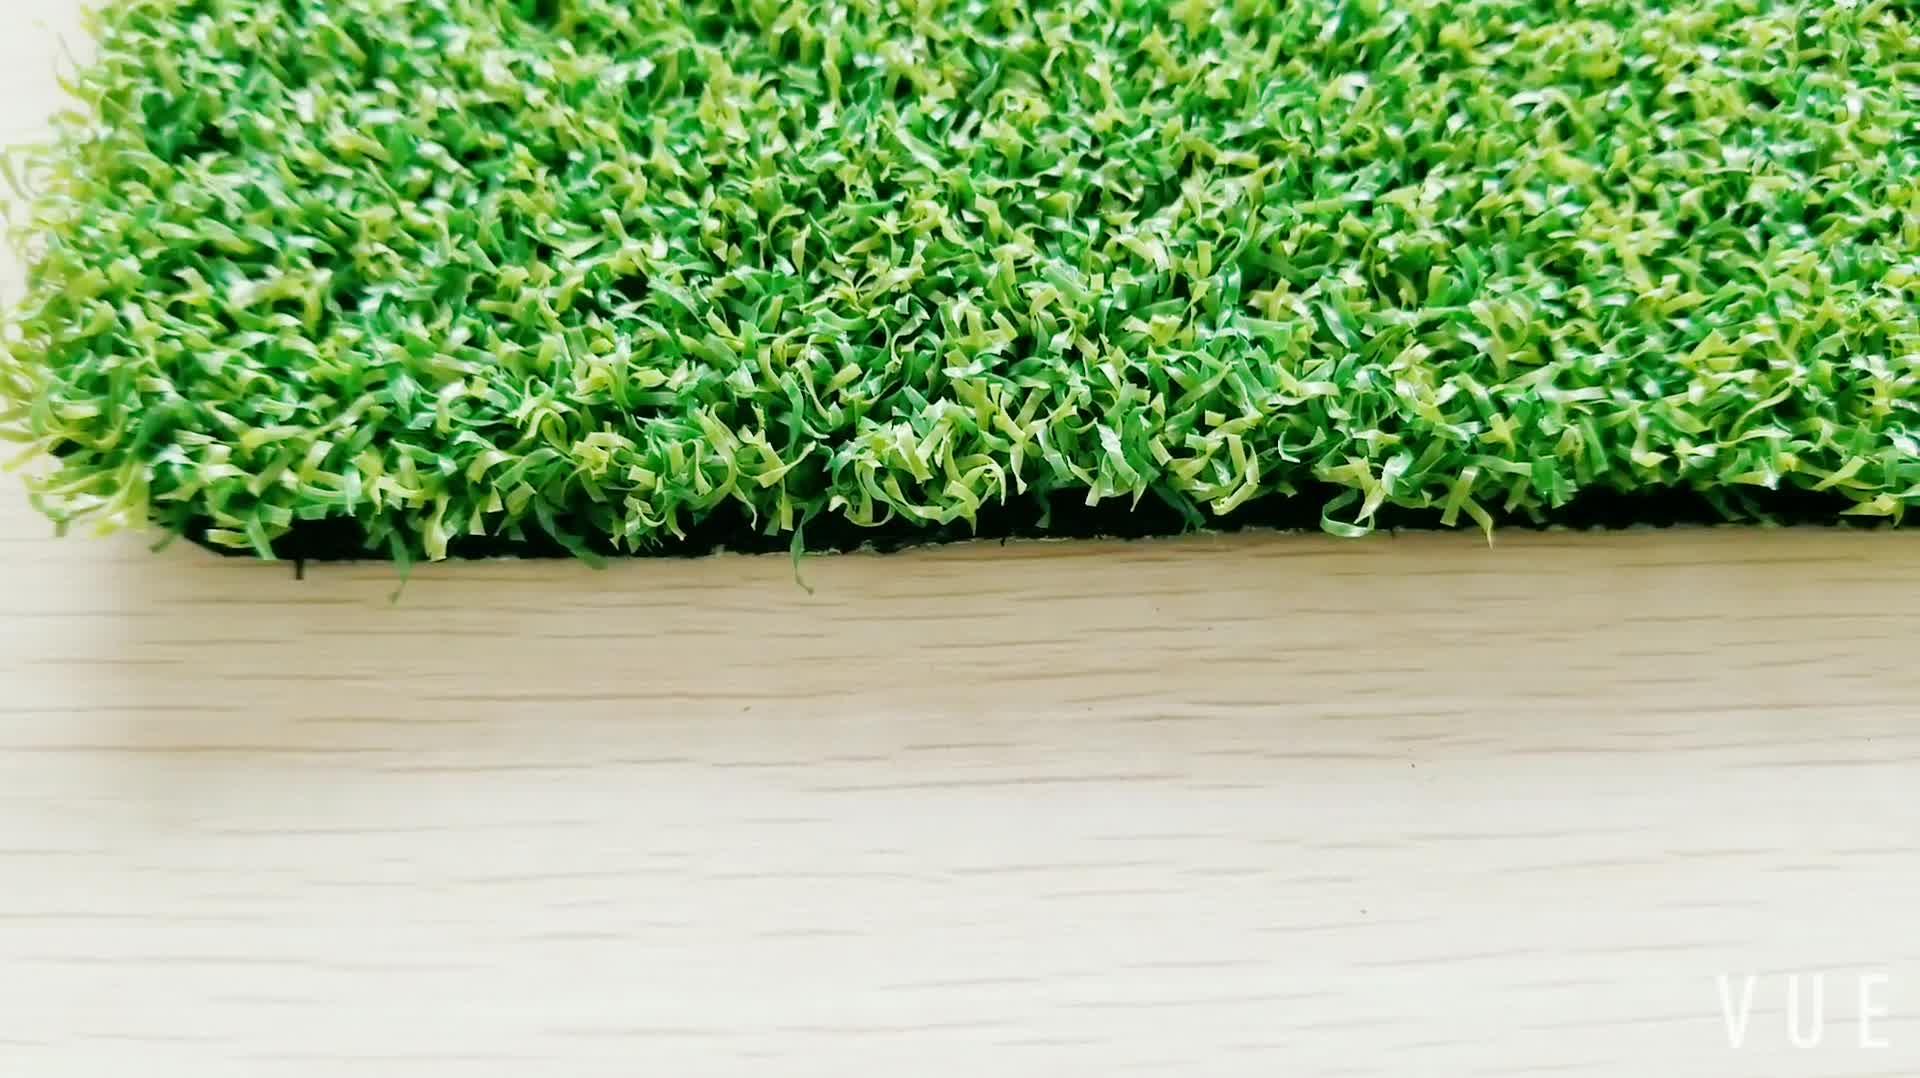 กรีนกอล์ฟพรมสังเคราะห์สนามหญ้าหญ้าเทียมสำหรับฮอกกี้และประตูบอล